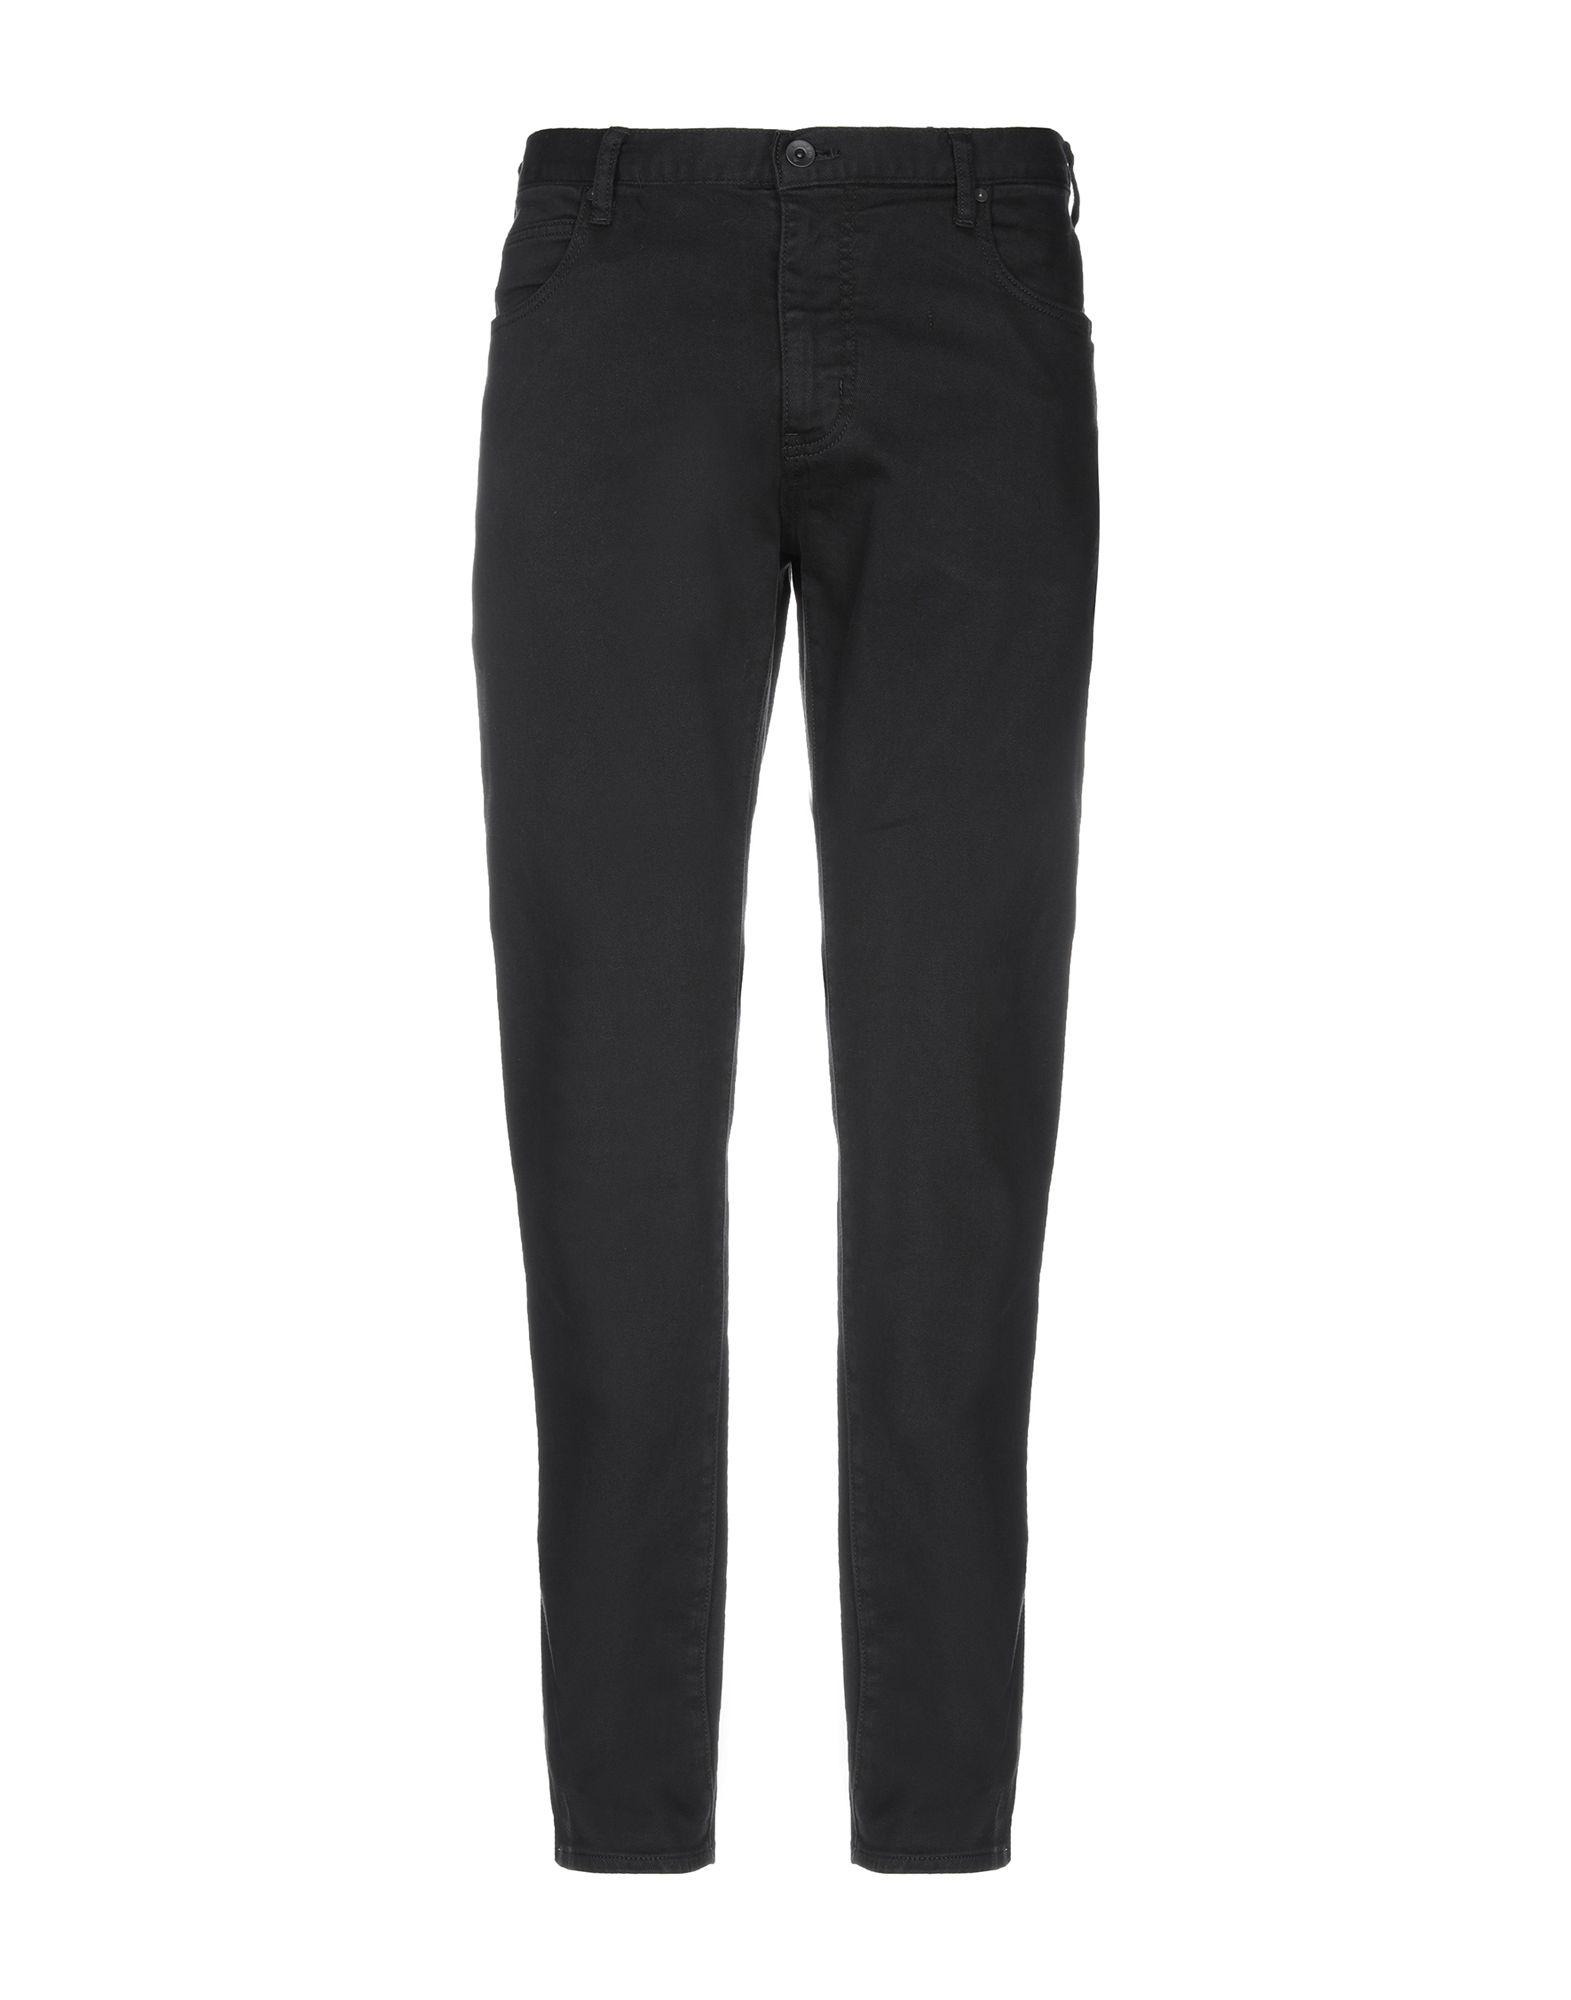 Pantaloni Jeans Jeans Jeans Armani Jeans uomo - 42693830CJ a3b